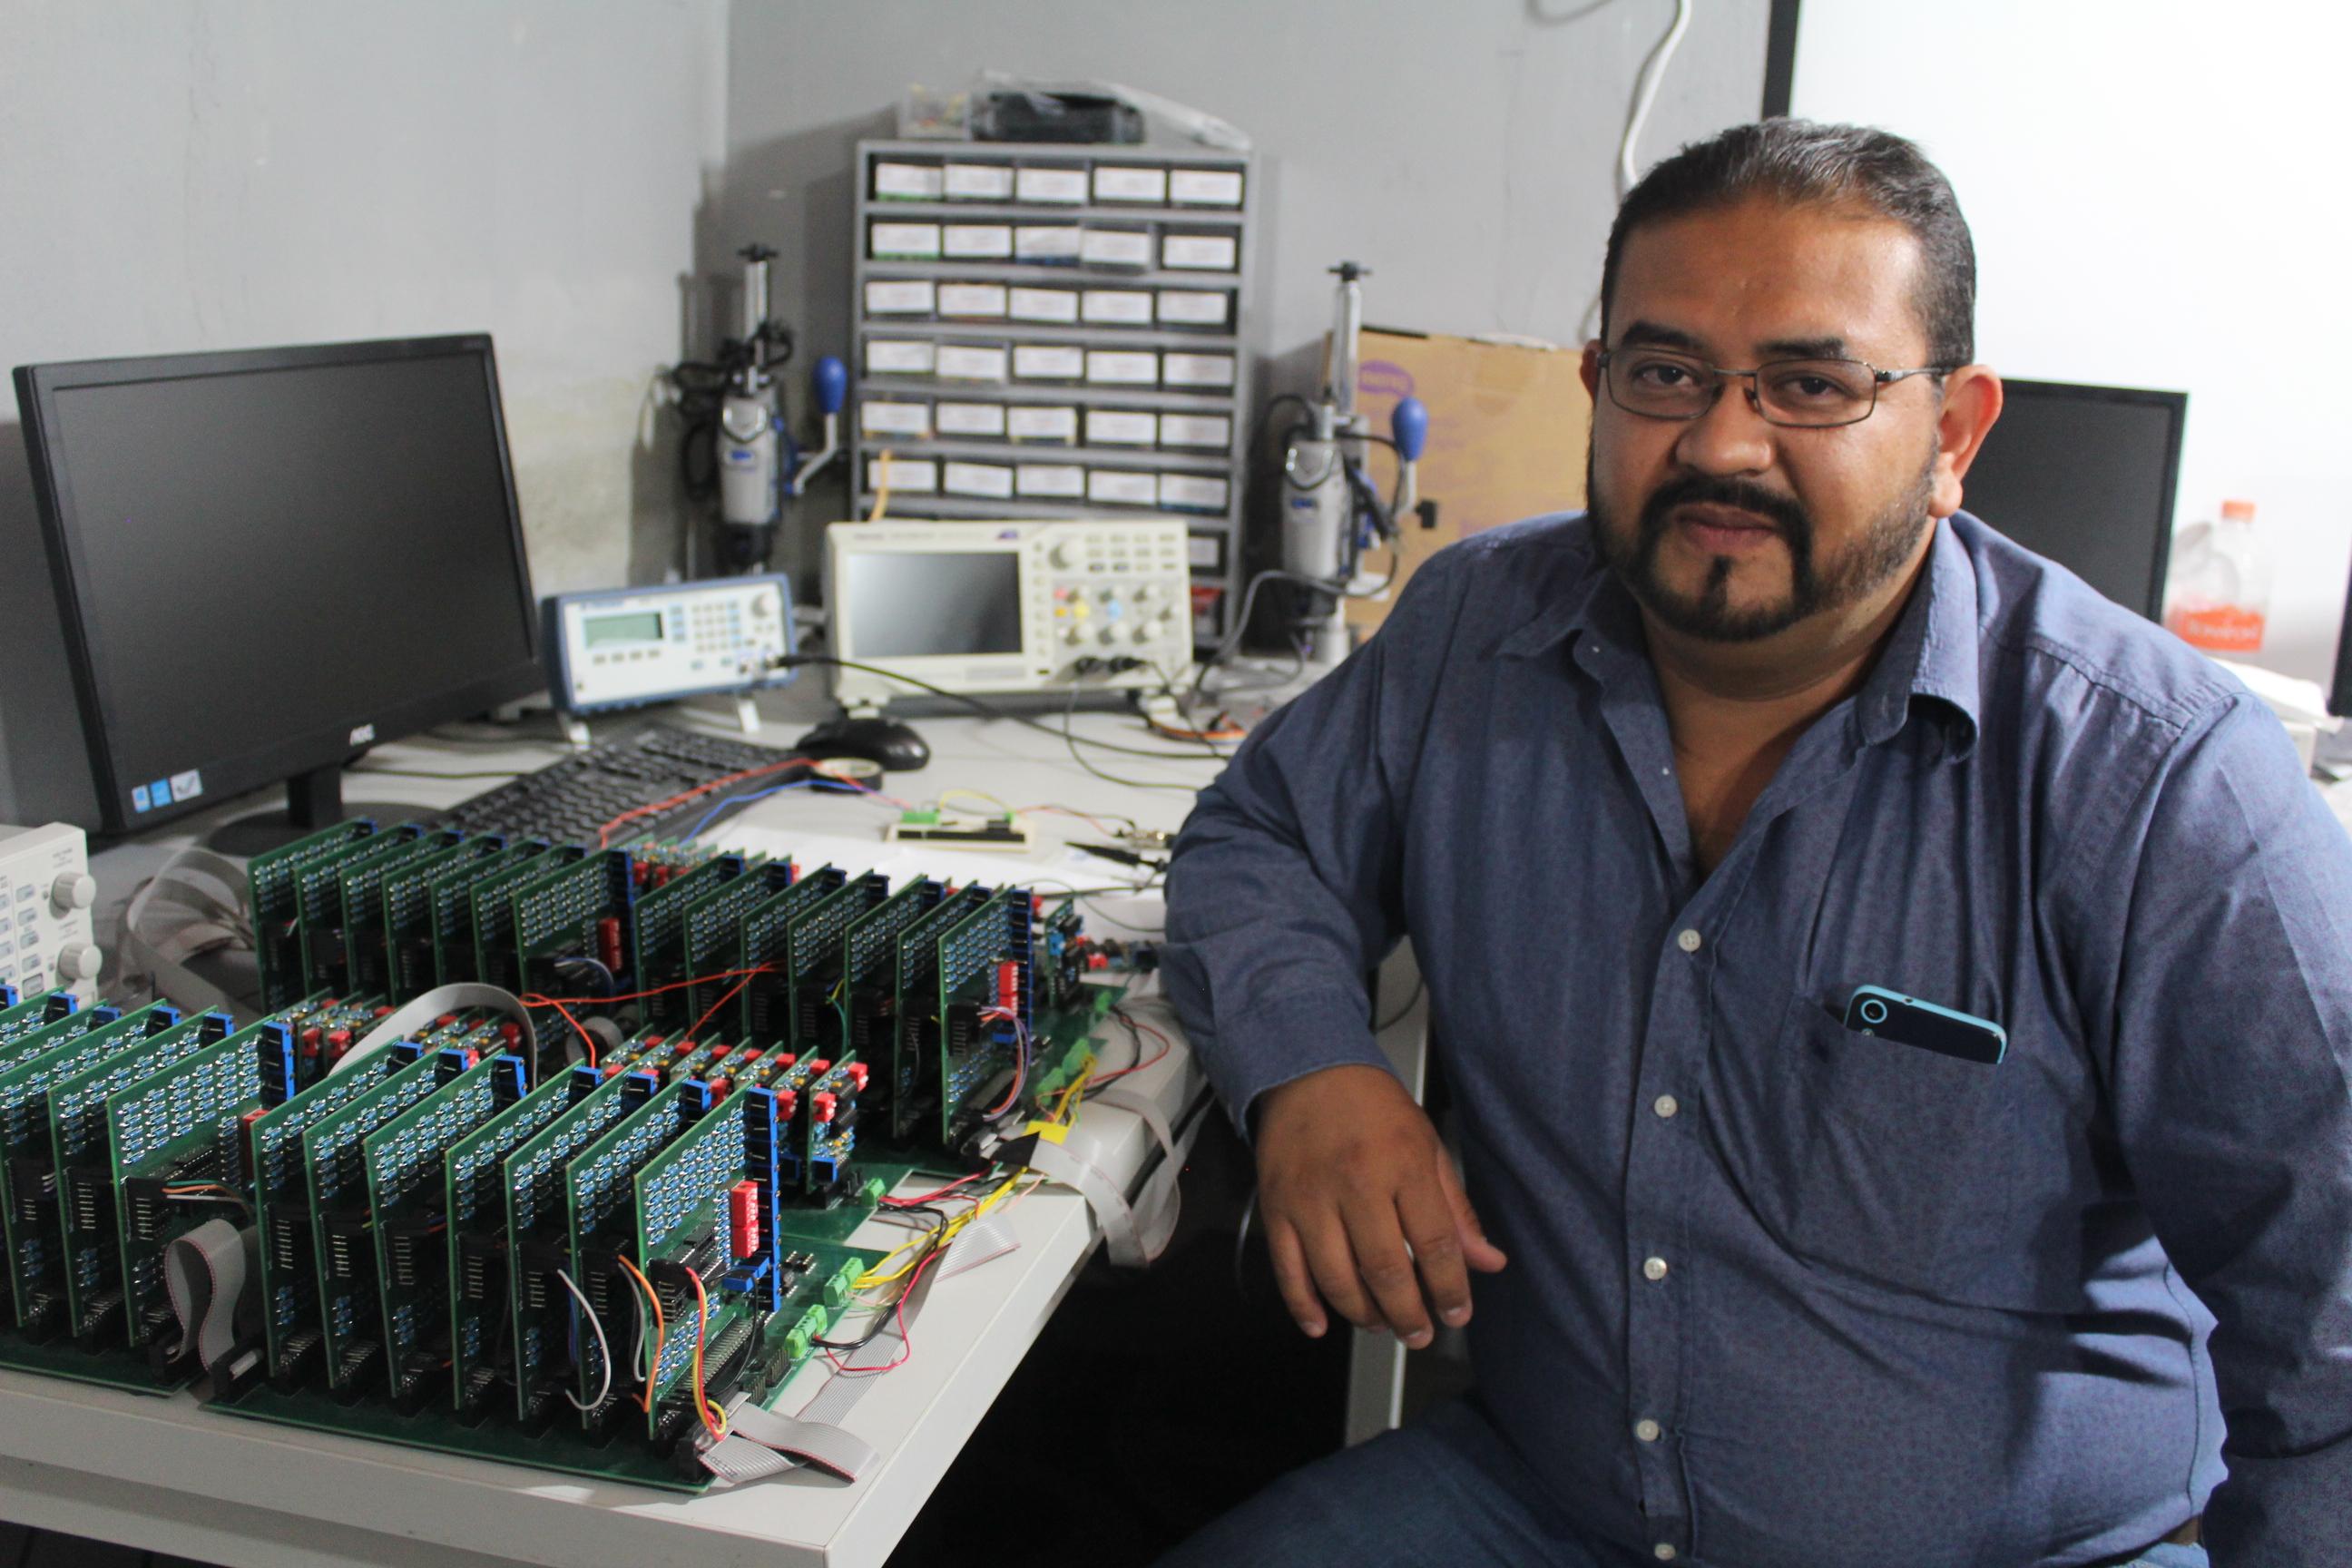 El doctor Ricardo Sevilla junto al dispositivo electrónico con el que realiza sus experimentos